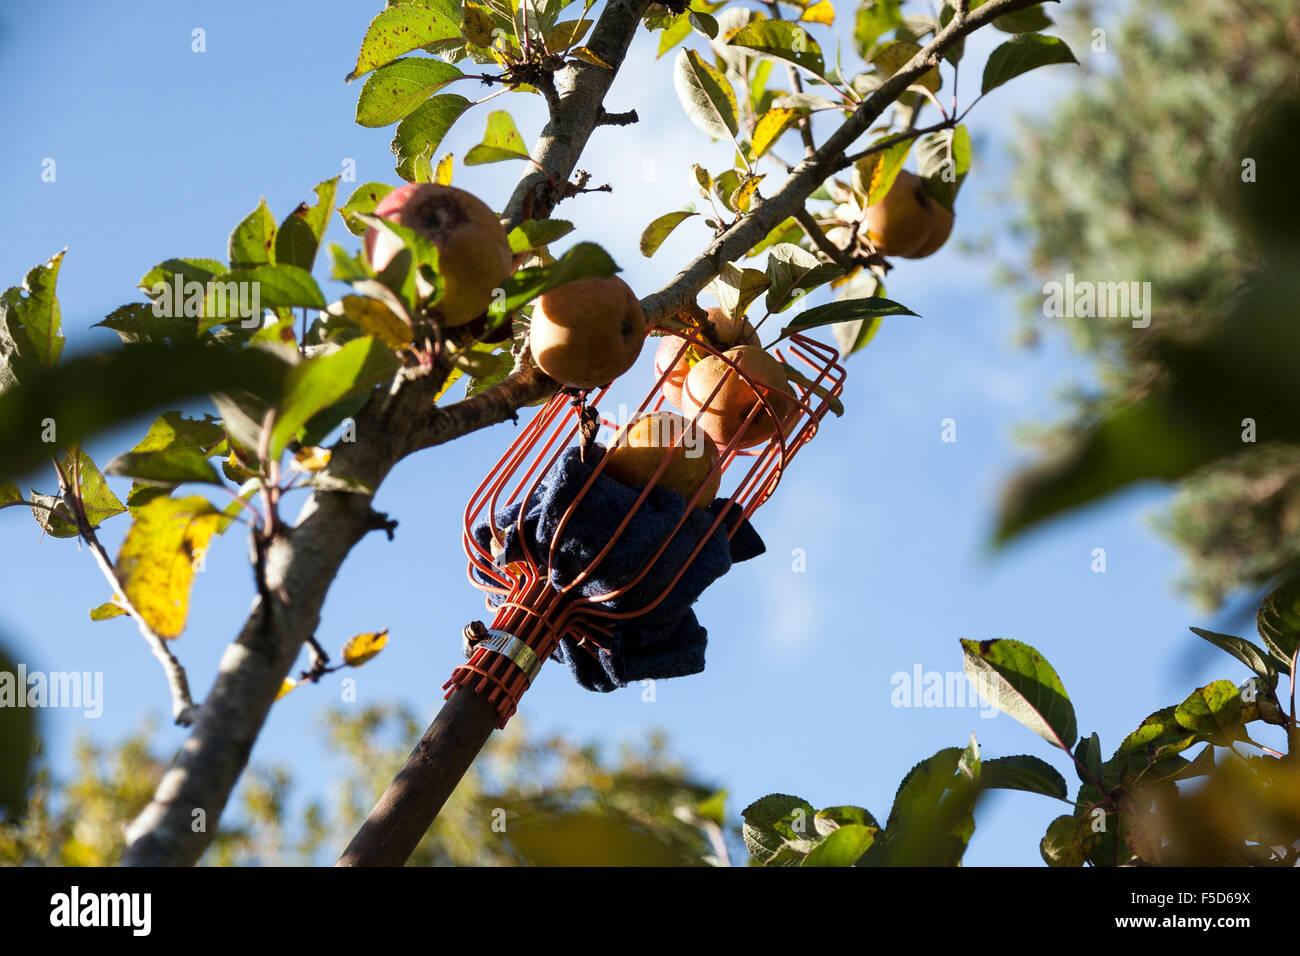 Cueillette de pommes Au verger Devon,arbre, fruit, vecteur, verger, récolte, production, mûr, apple tree, Photo Stock